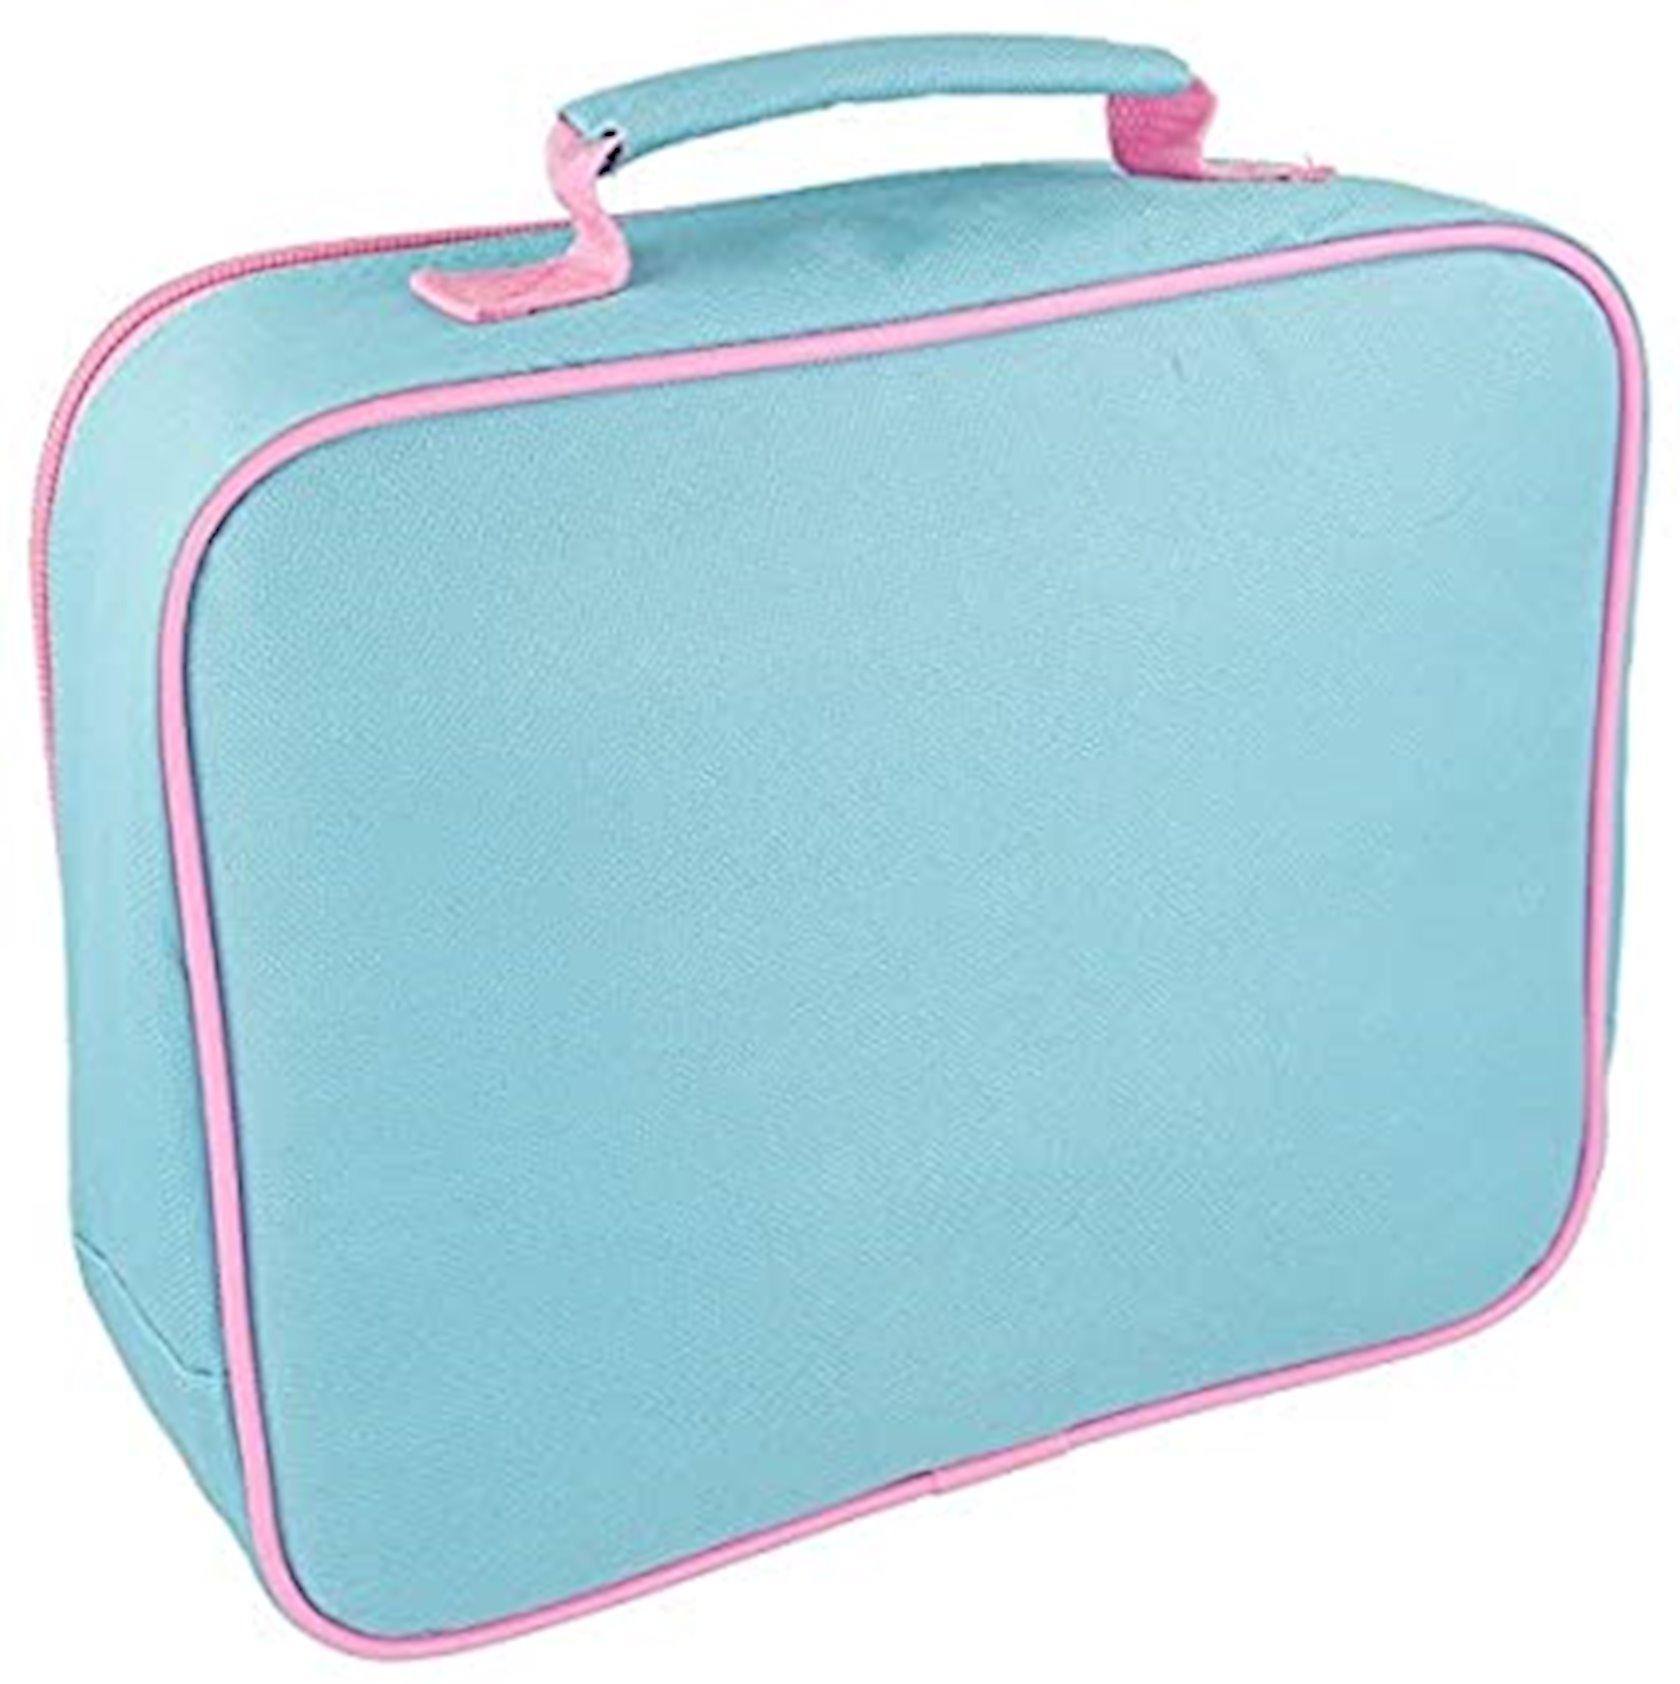 Qida çantası Paw Patrol, 20x7.3x25sm